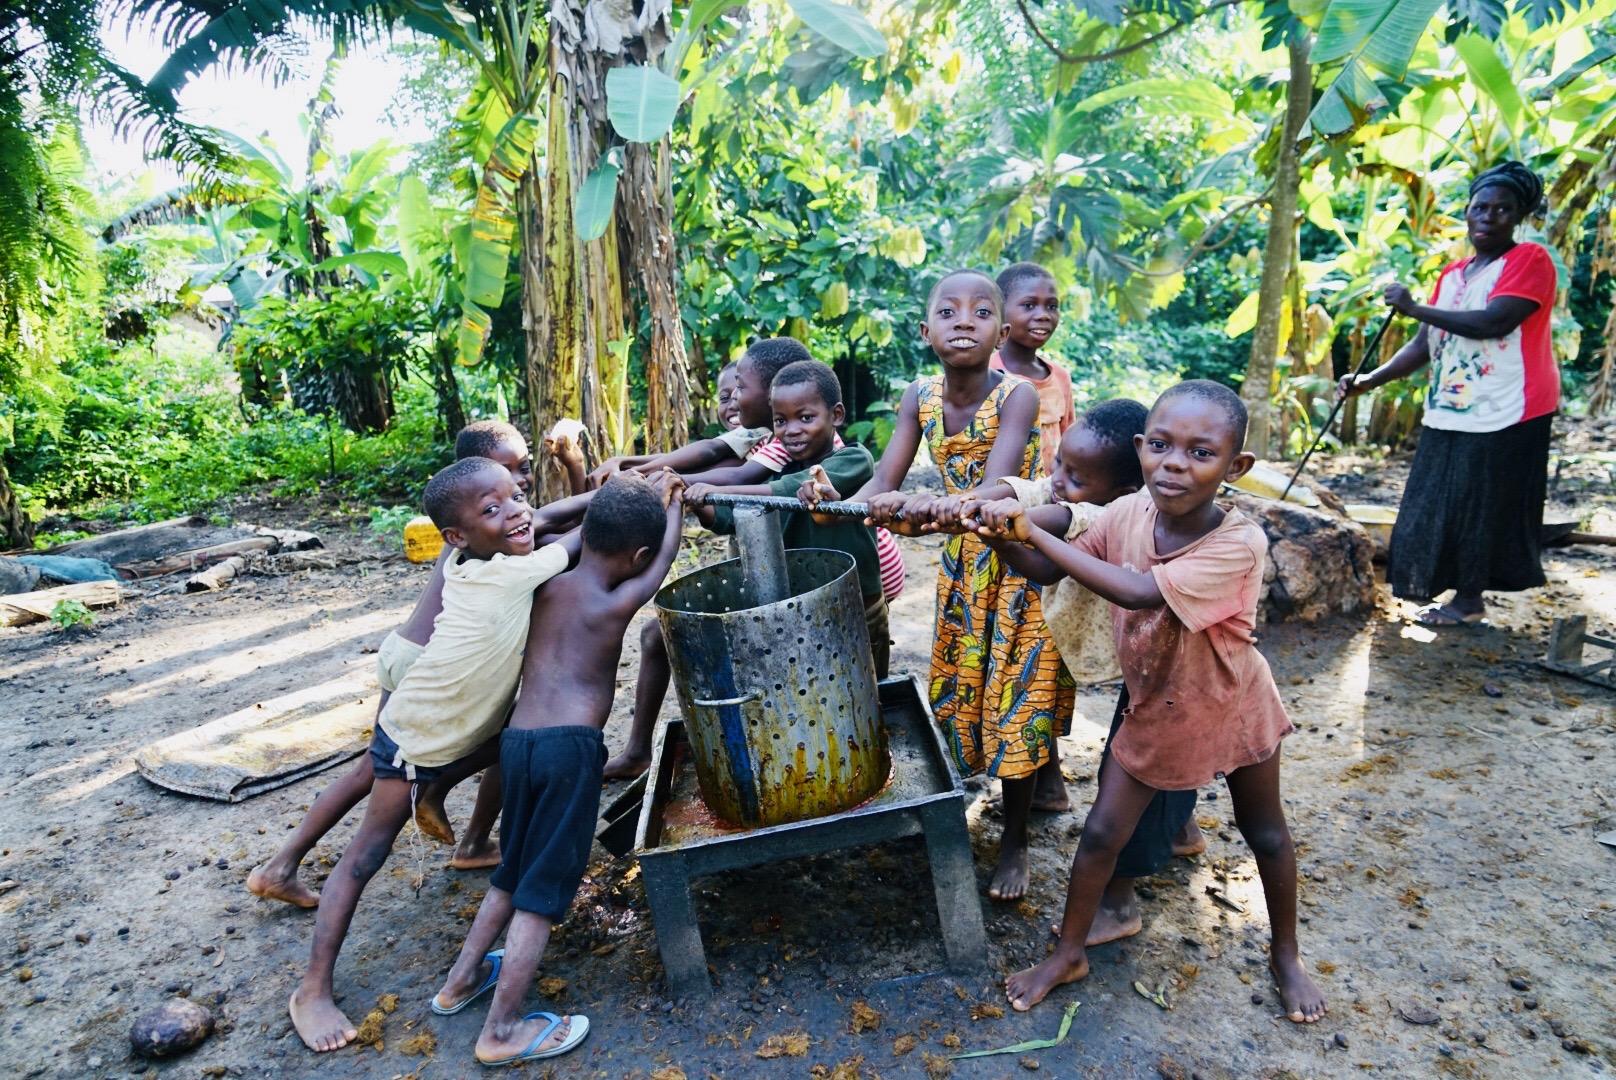 Children Working on Palm Oil Farm